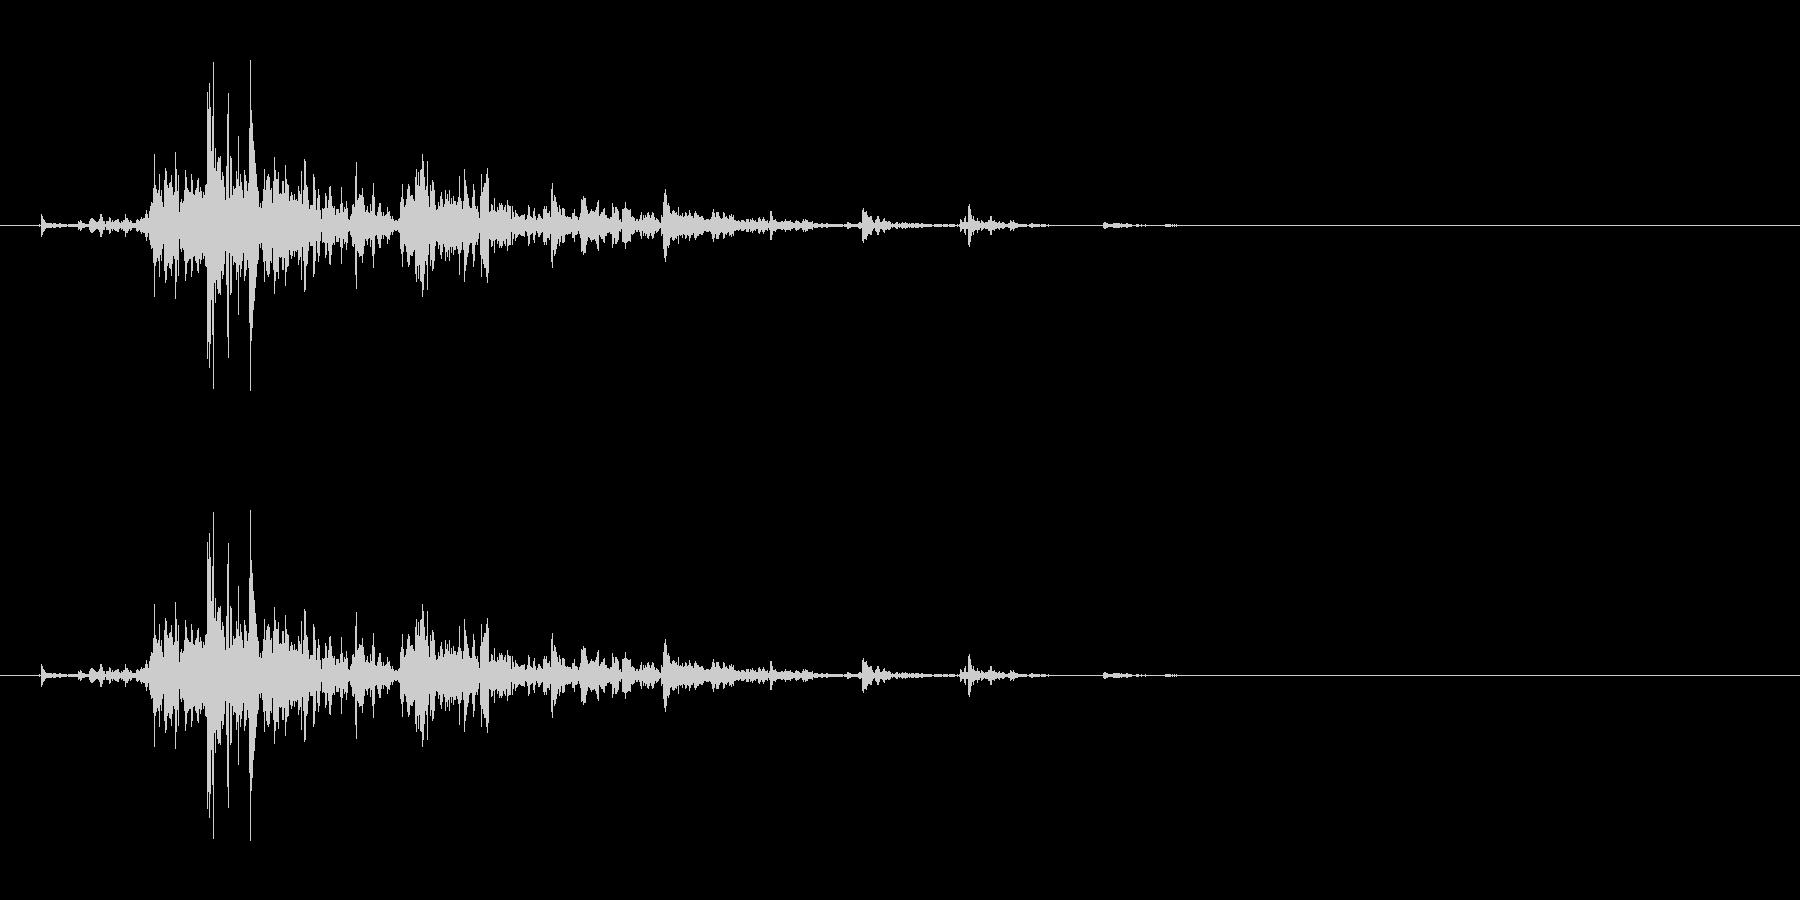 「シャン!」ウッドチャイムの渇いた単発音の未再生の波形